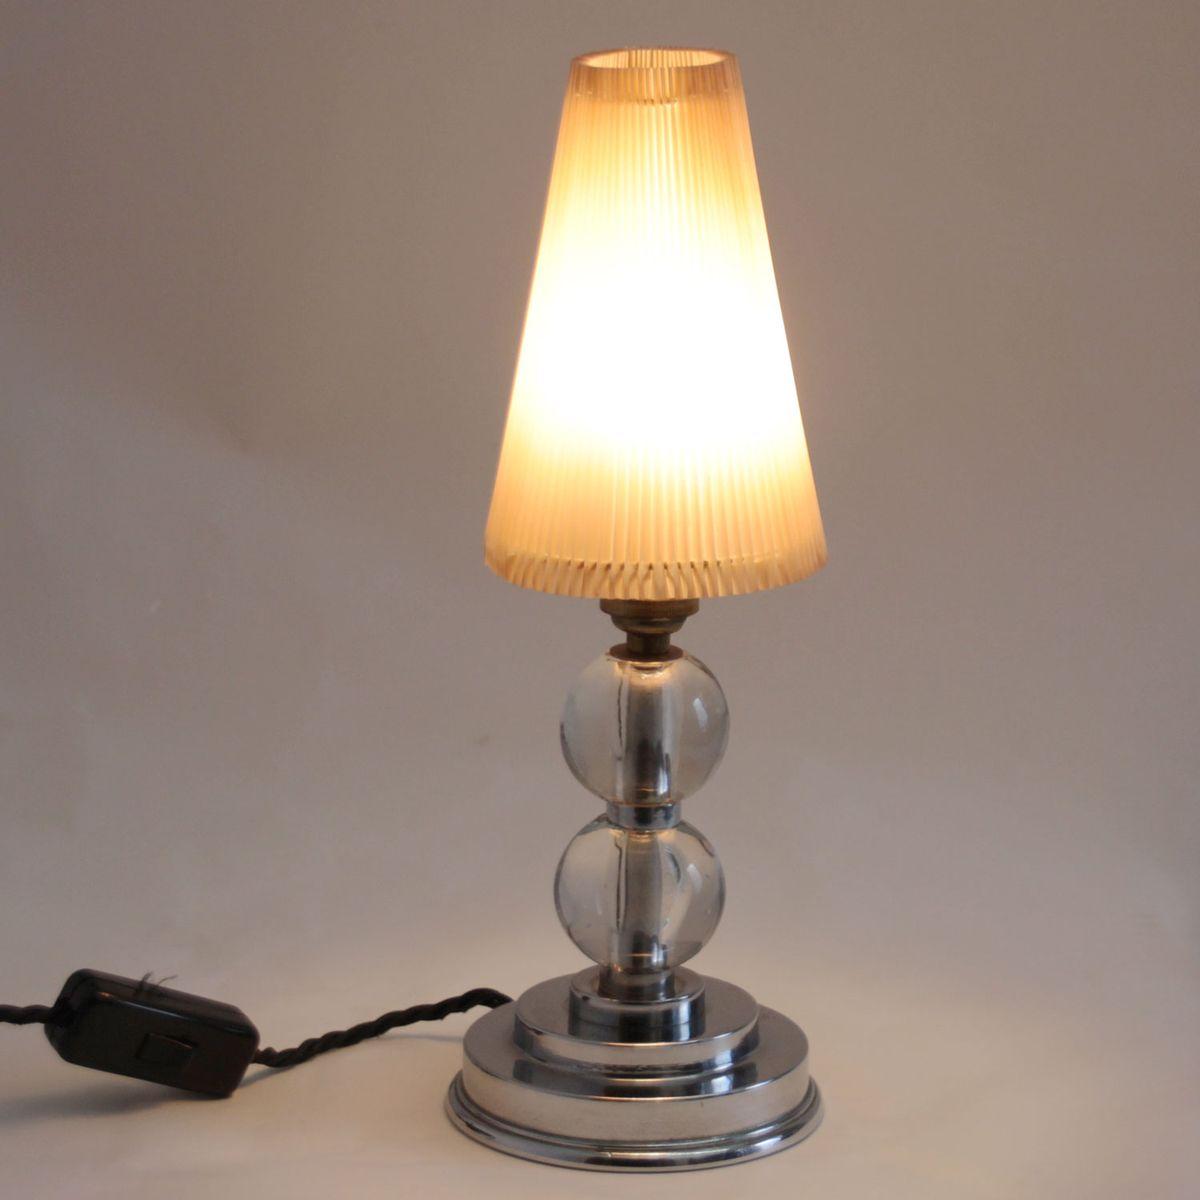 mid century modern tischlampe mit glasgestell bei pamono kaufen. Black Bedroom Furniture Sets. Home Design Ideas